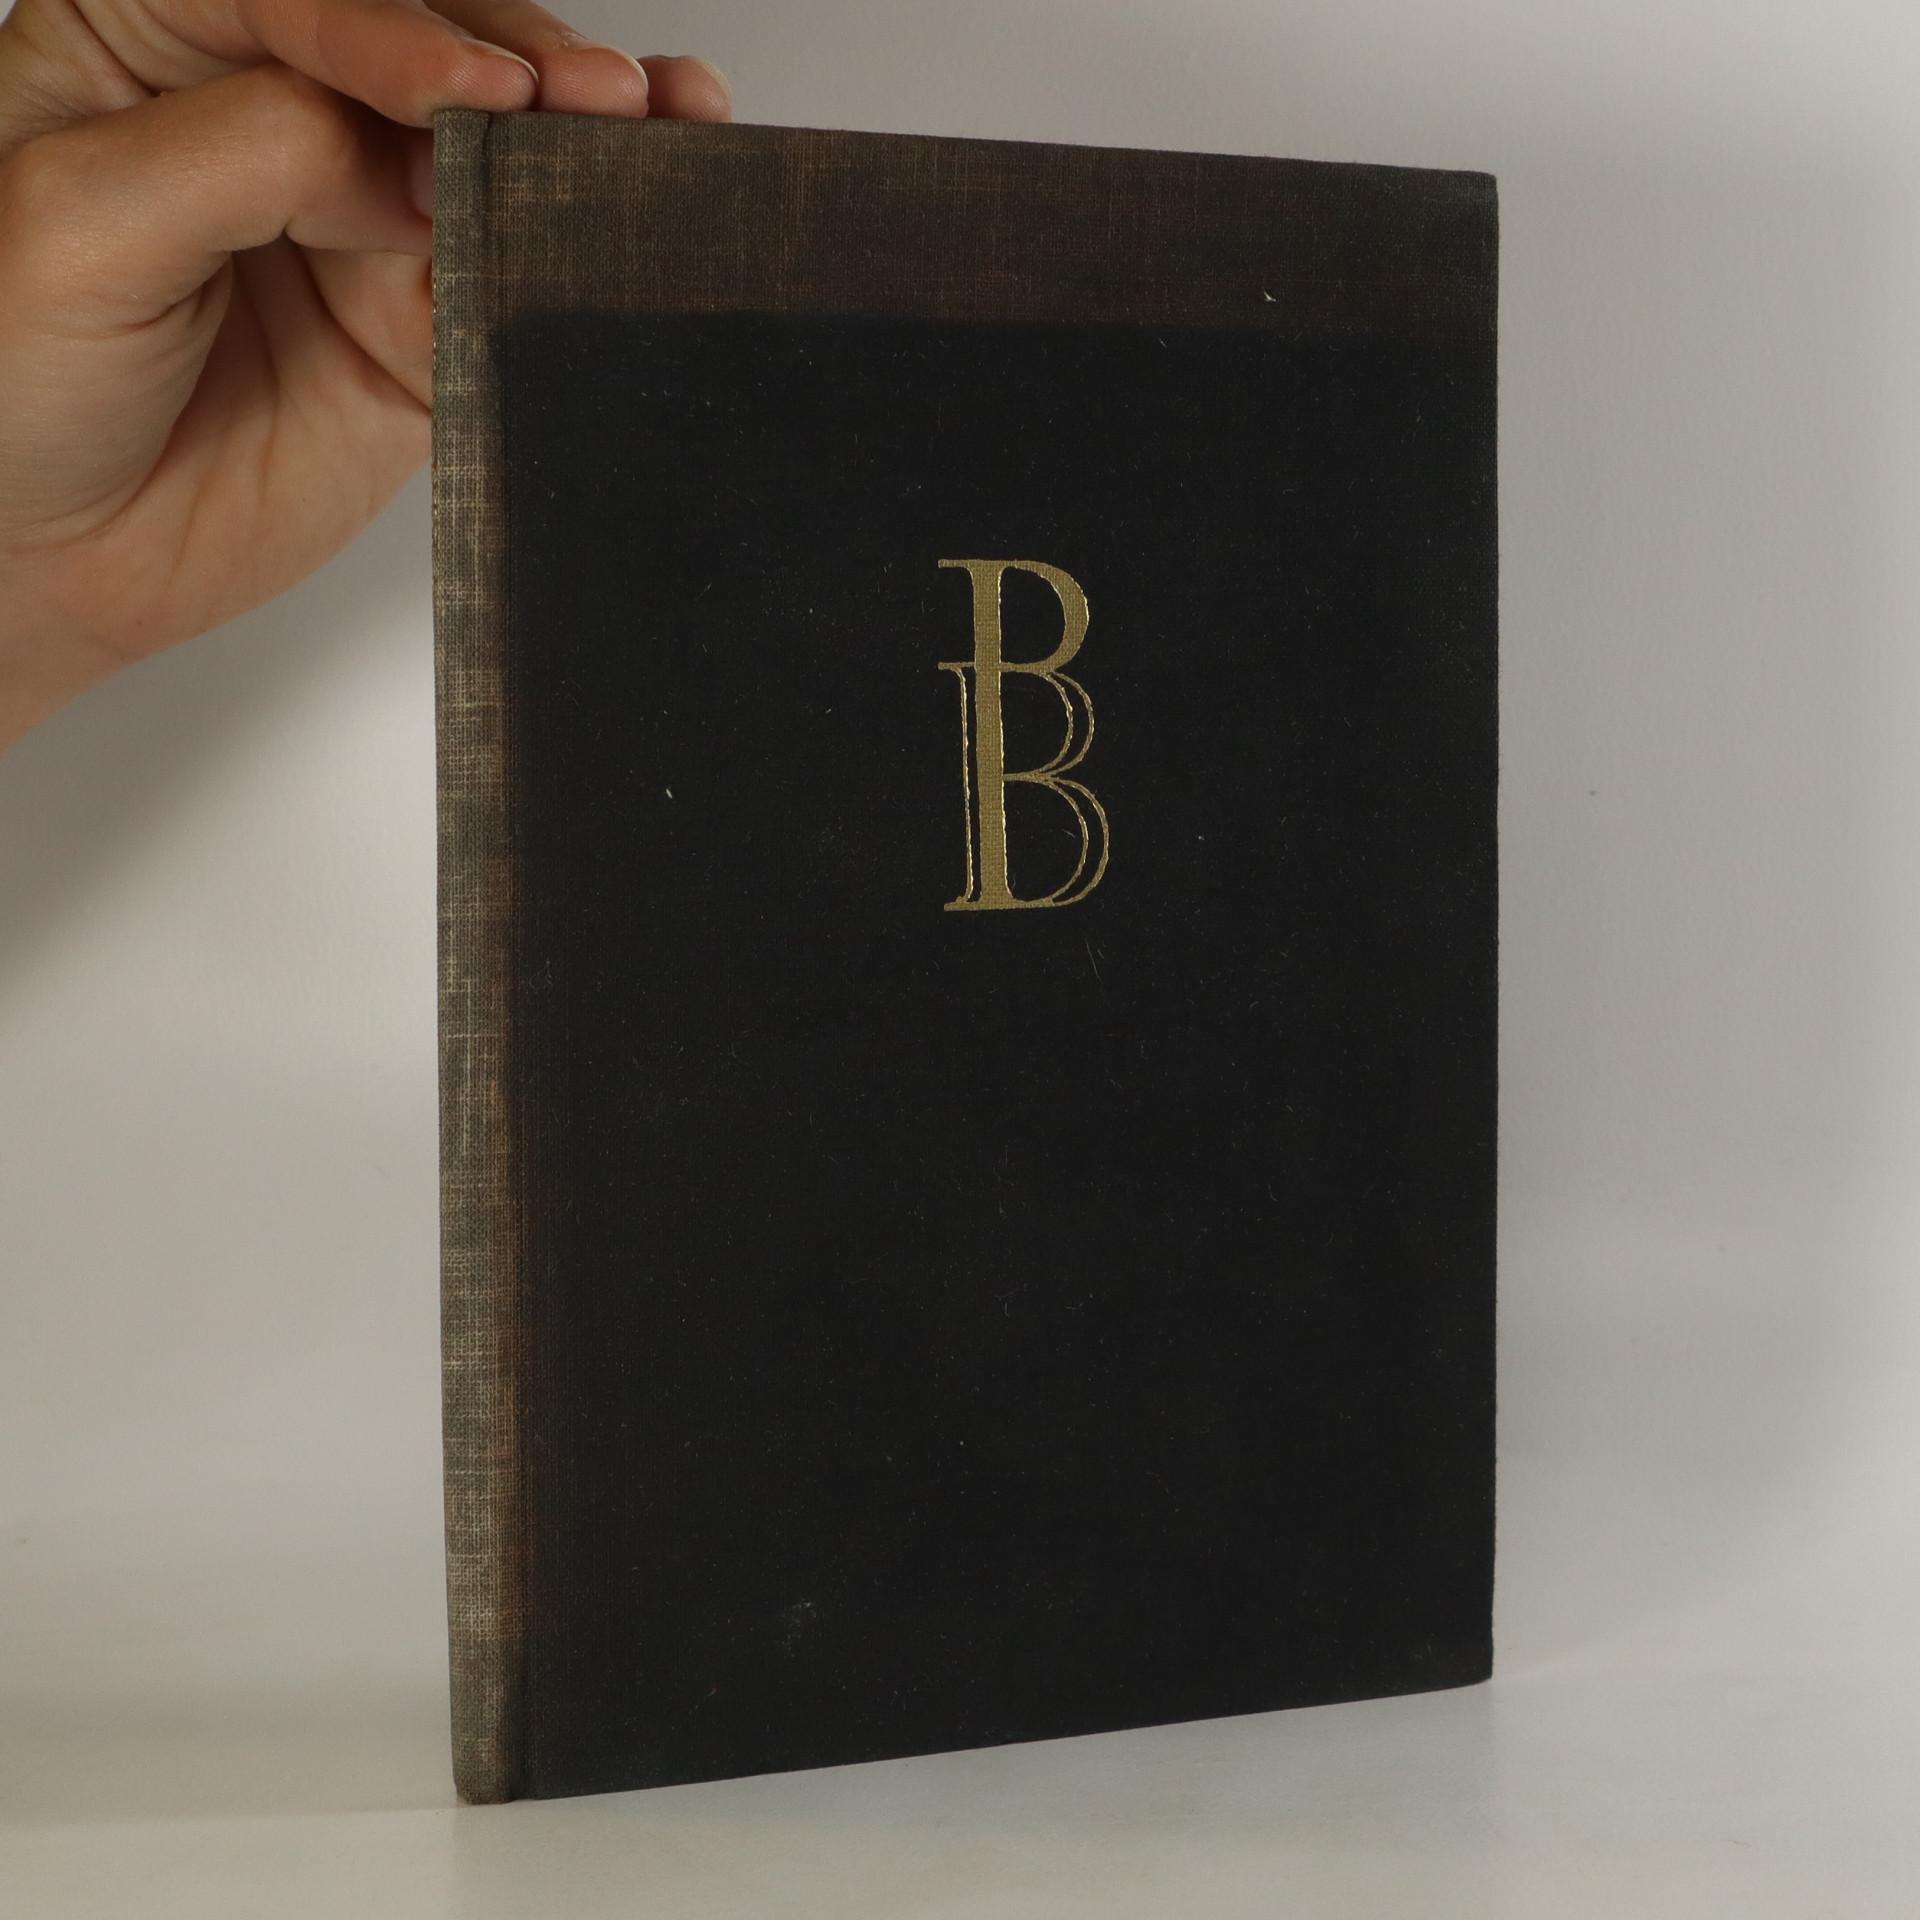 antikvární kniha Verlaine, 1947